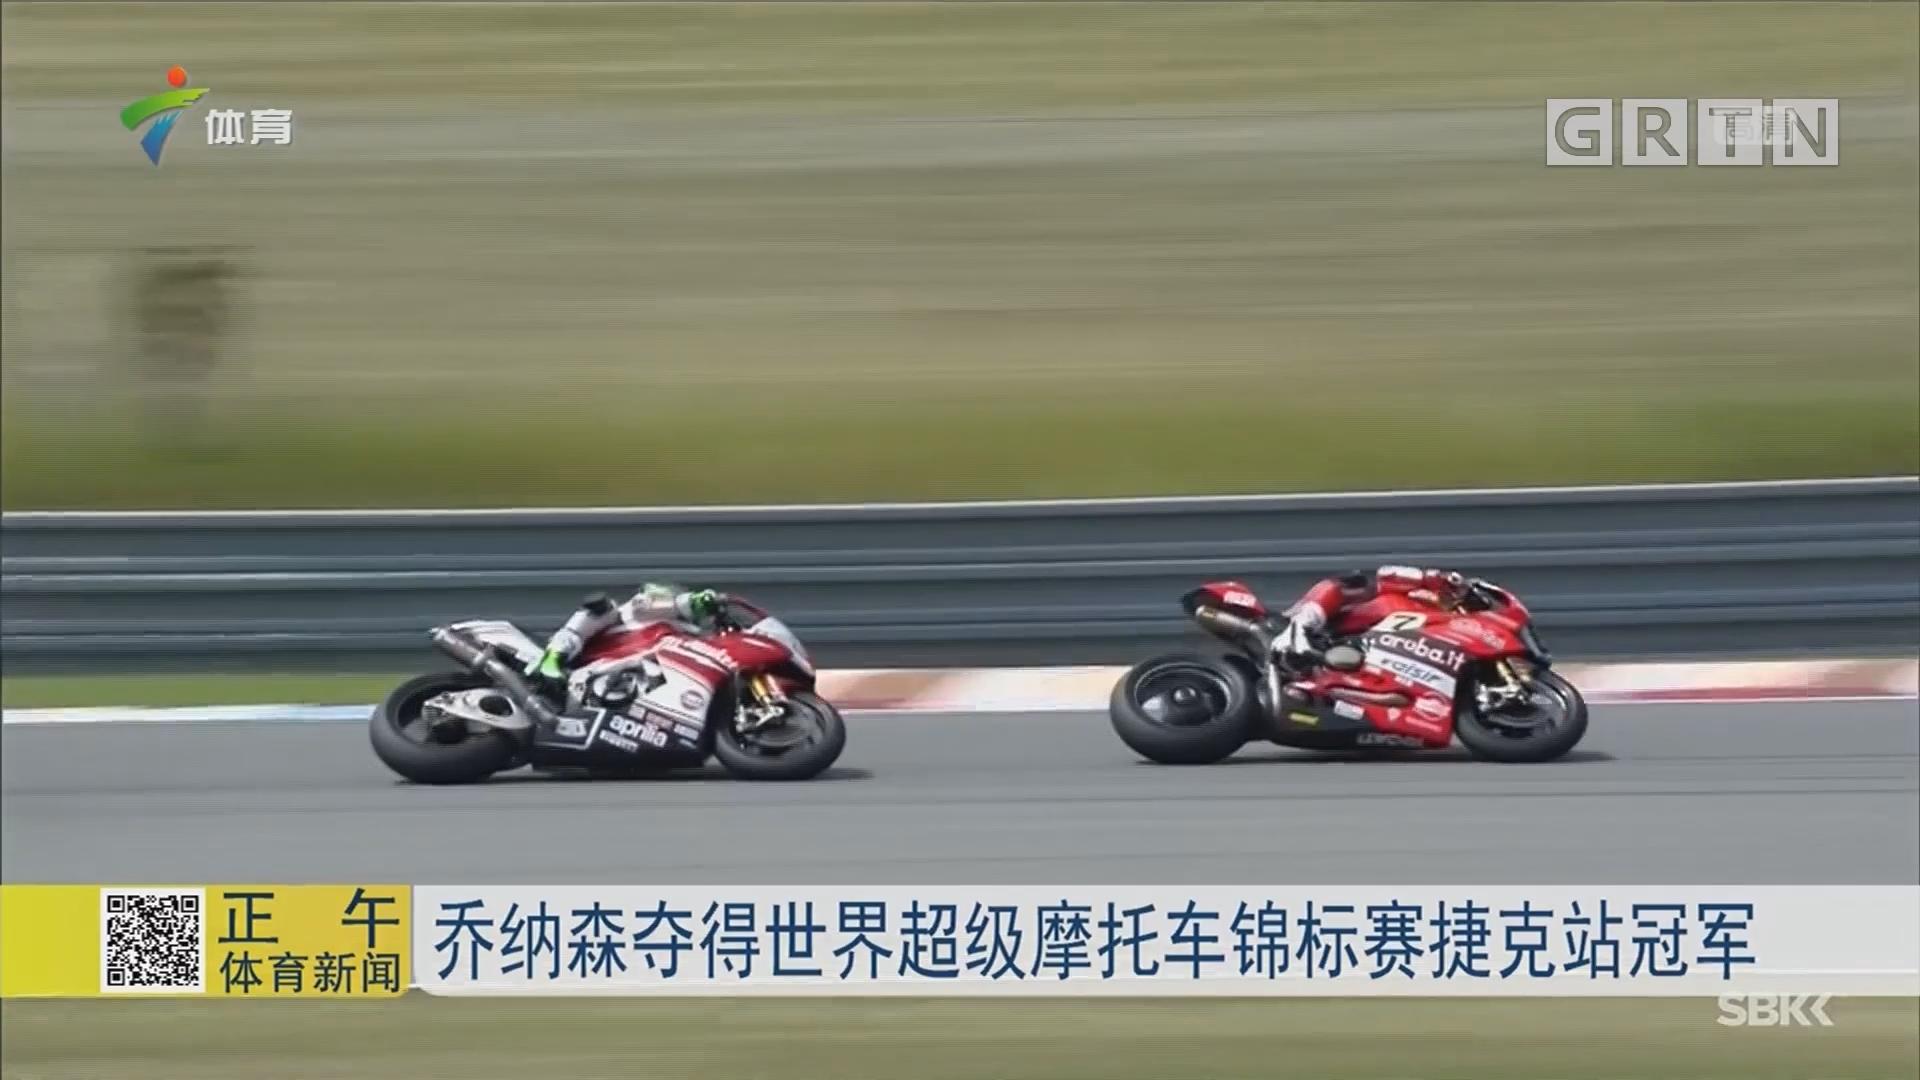 乔纳森夺得世界超级摩托车锦标赛捷克站冠军